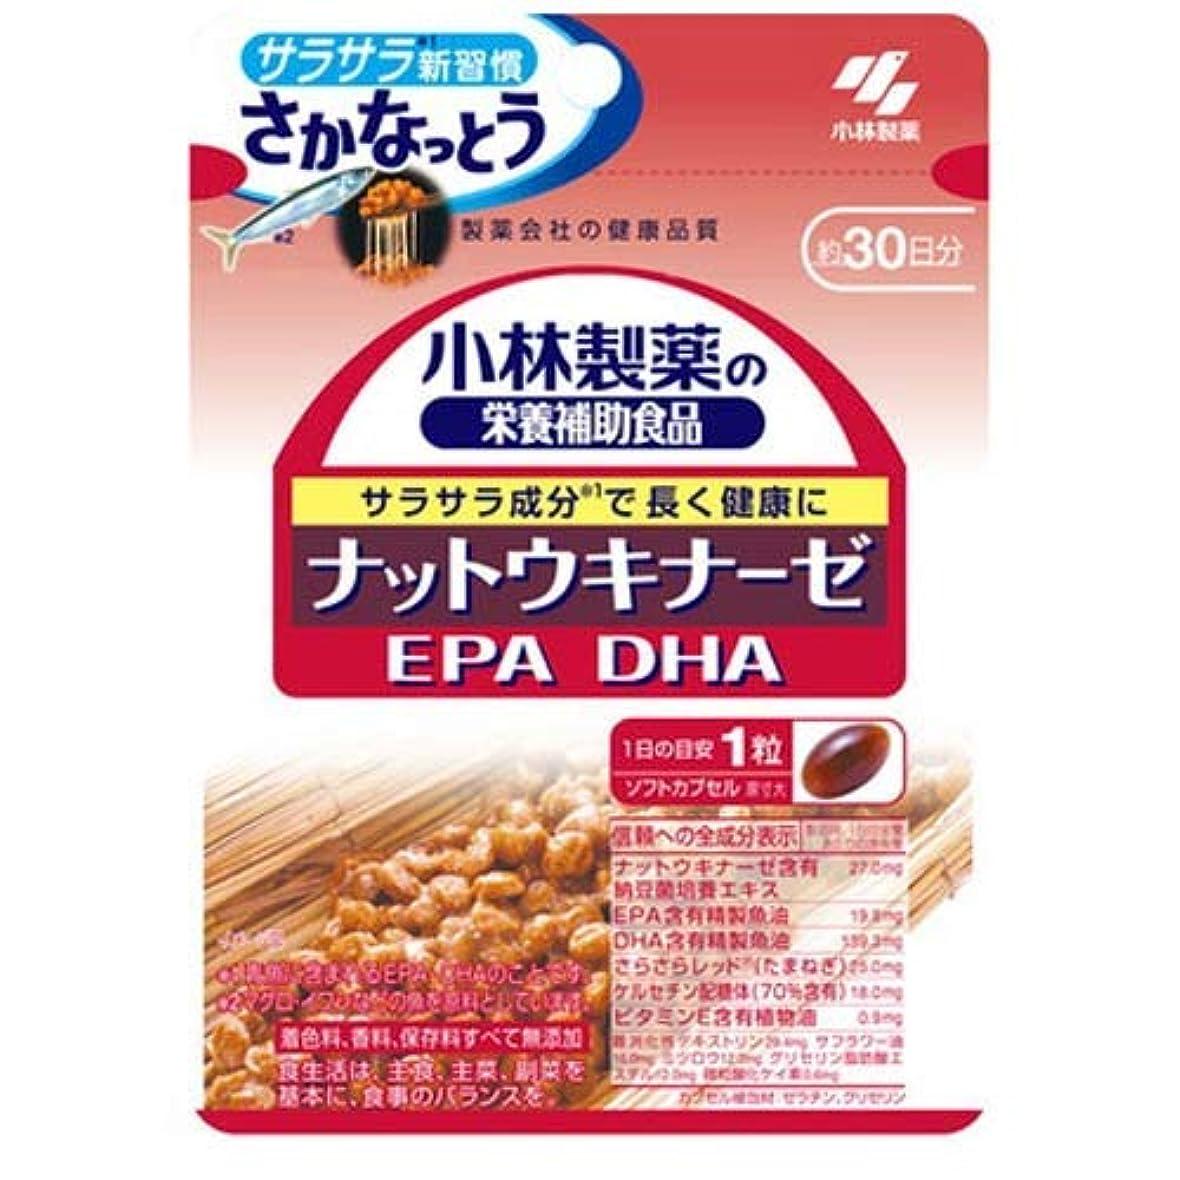 不測の事態関係ない方法論小林製薬 ナットウキナーゼ EPA/DHA 30粒 [メール便対応商品]